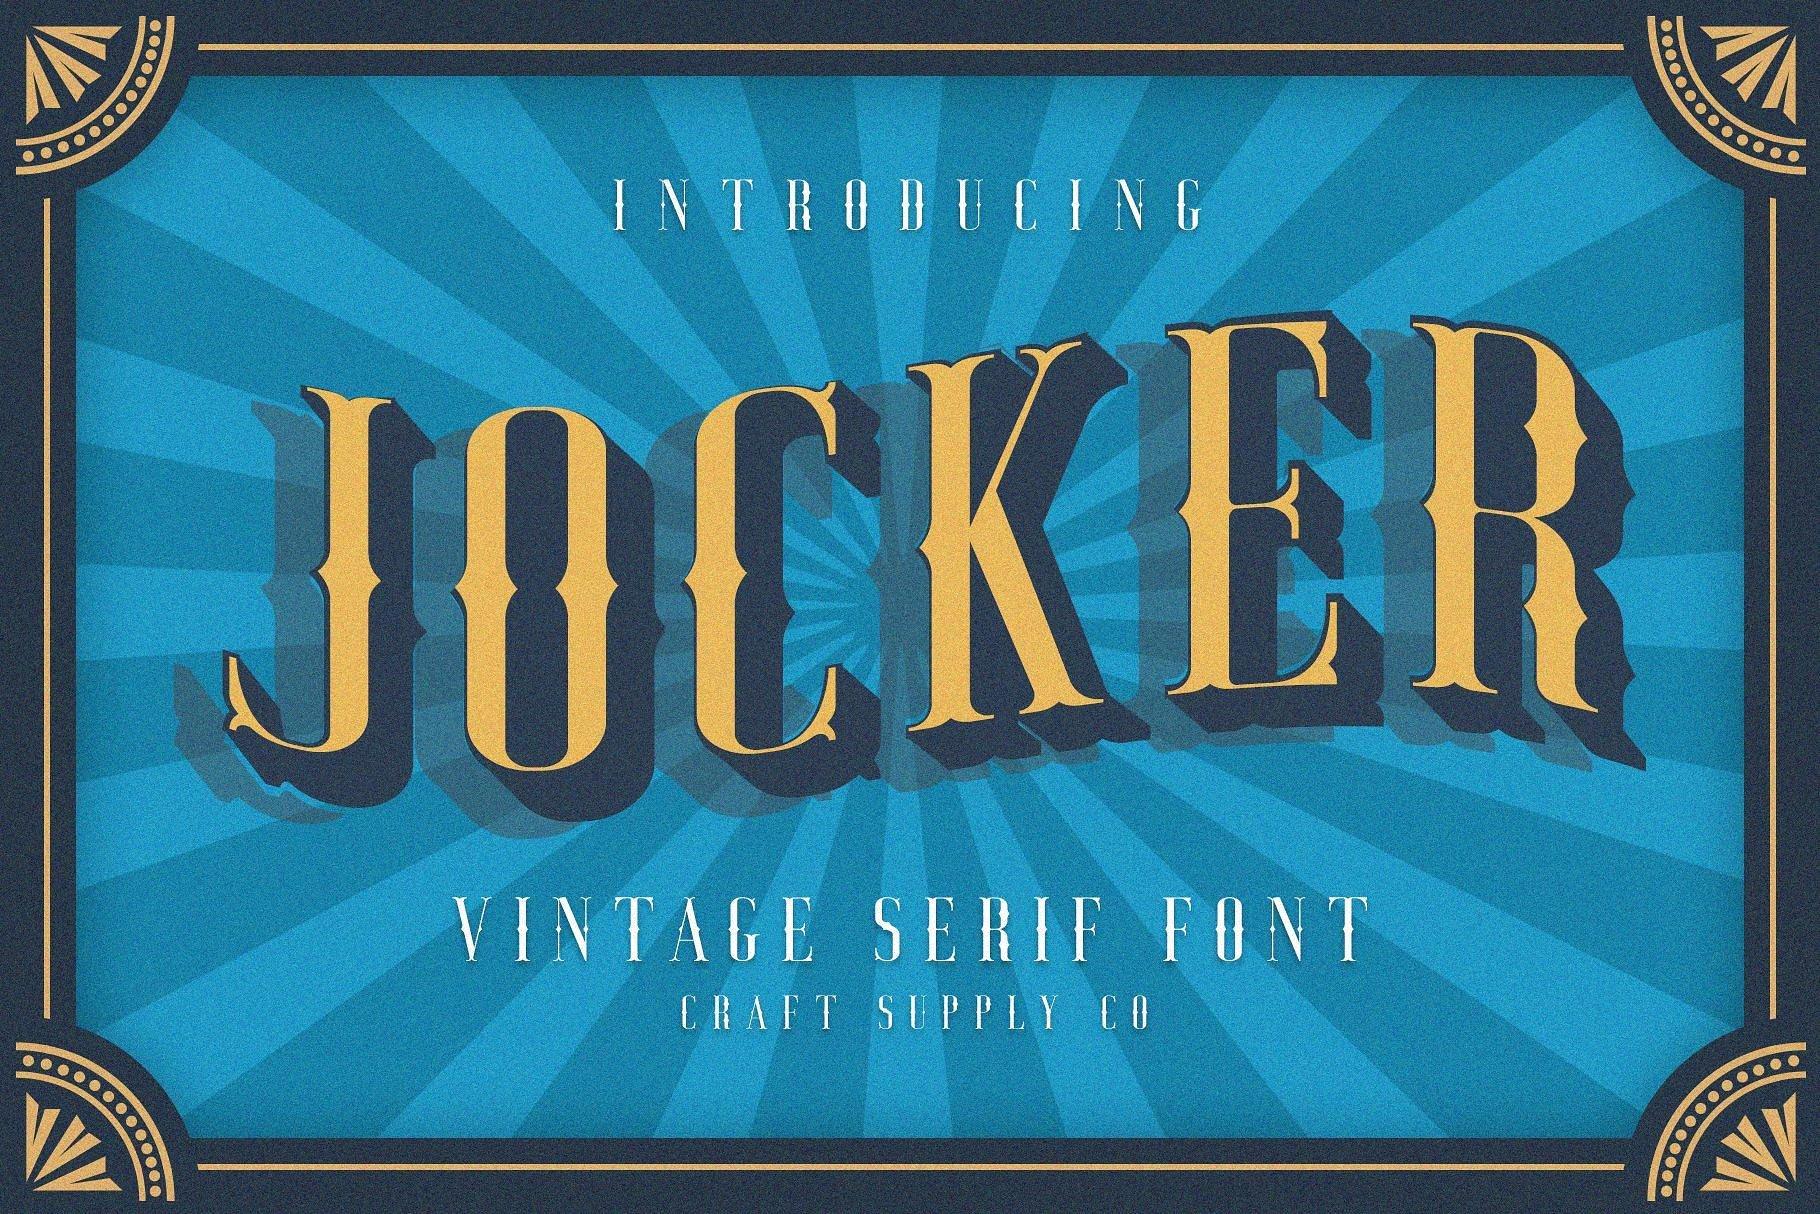 https://fontclarity.com/wp-content/uploads/2019/09/jocker-vintage-font-family-download-0.jpg Free Download